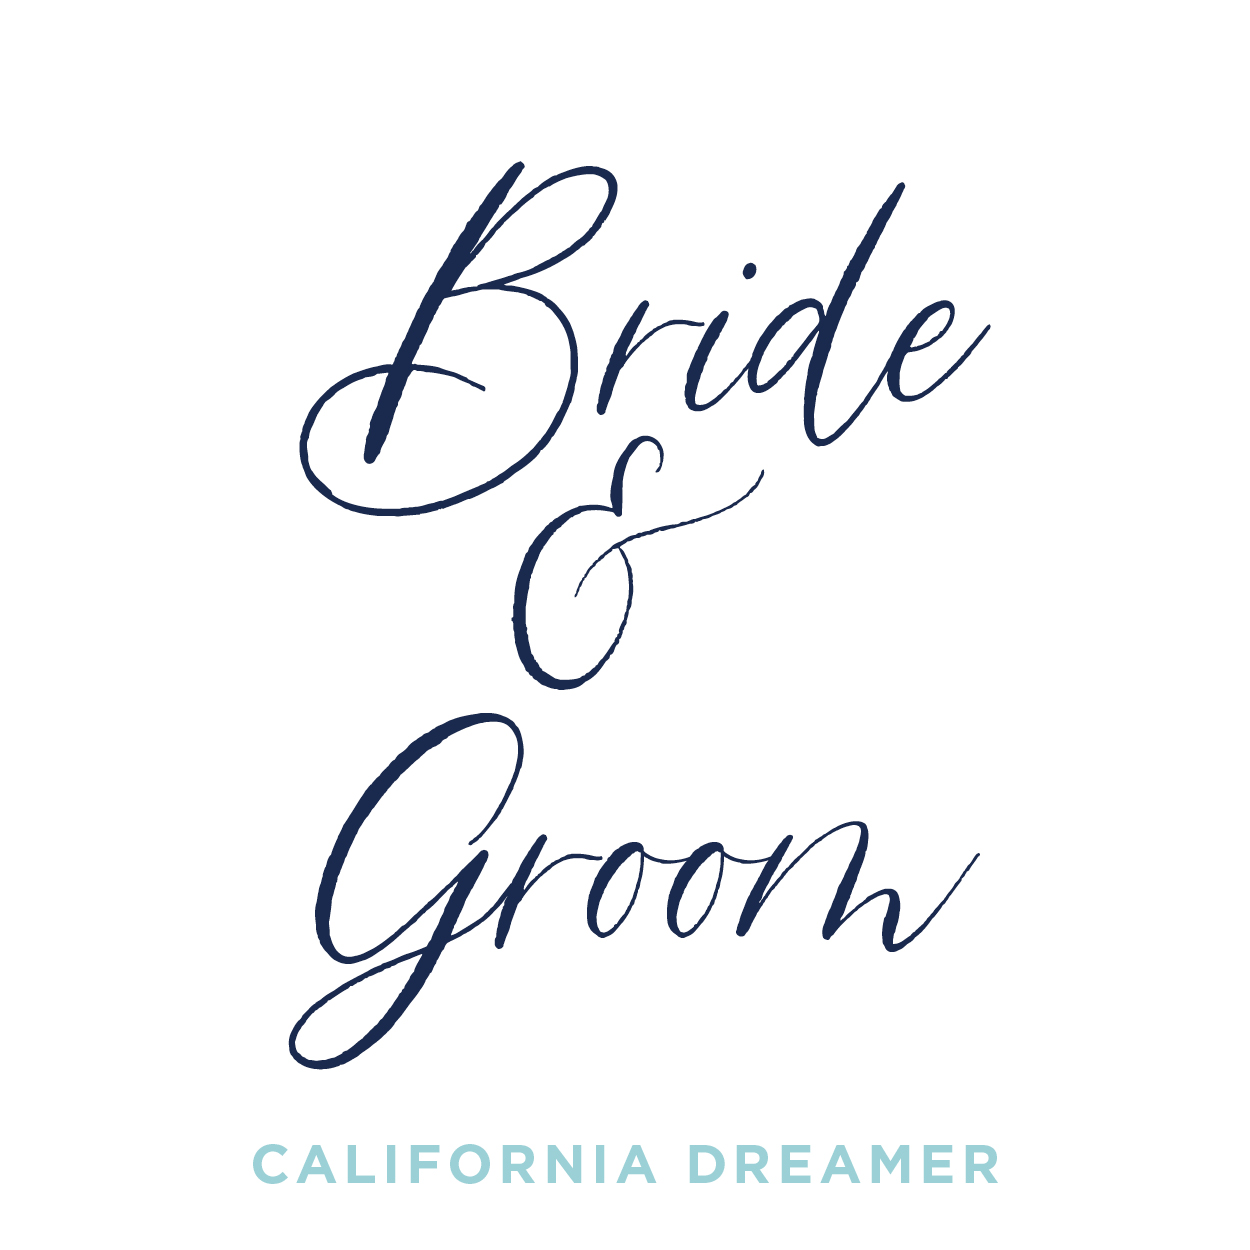 California Dreamer.jpg